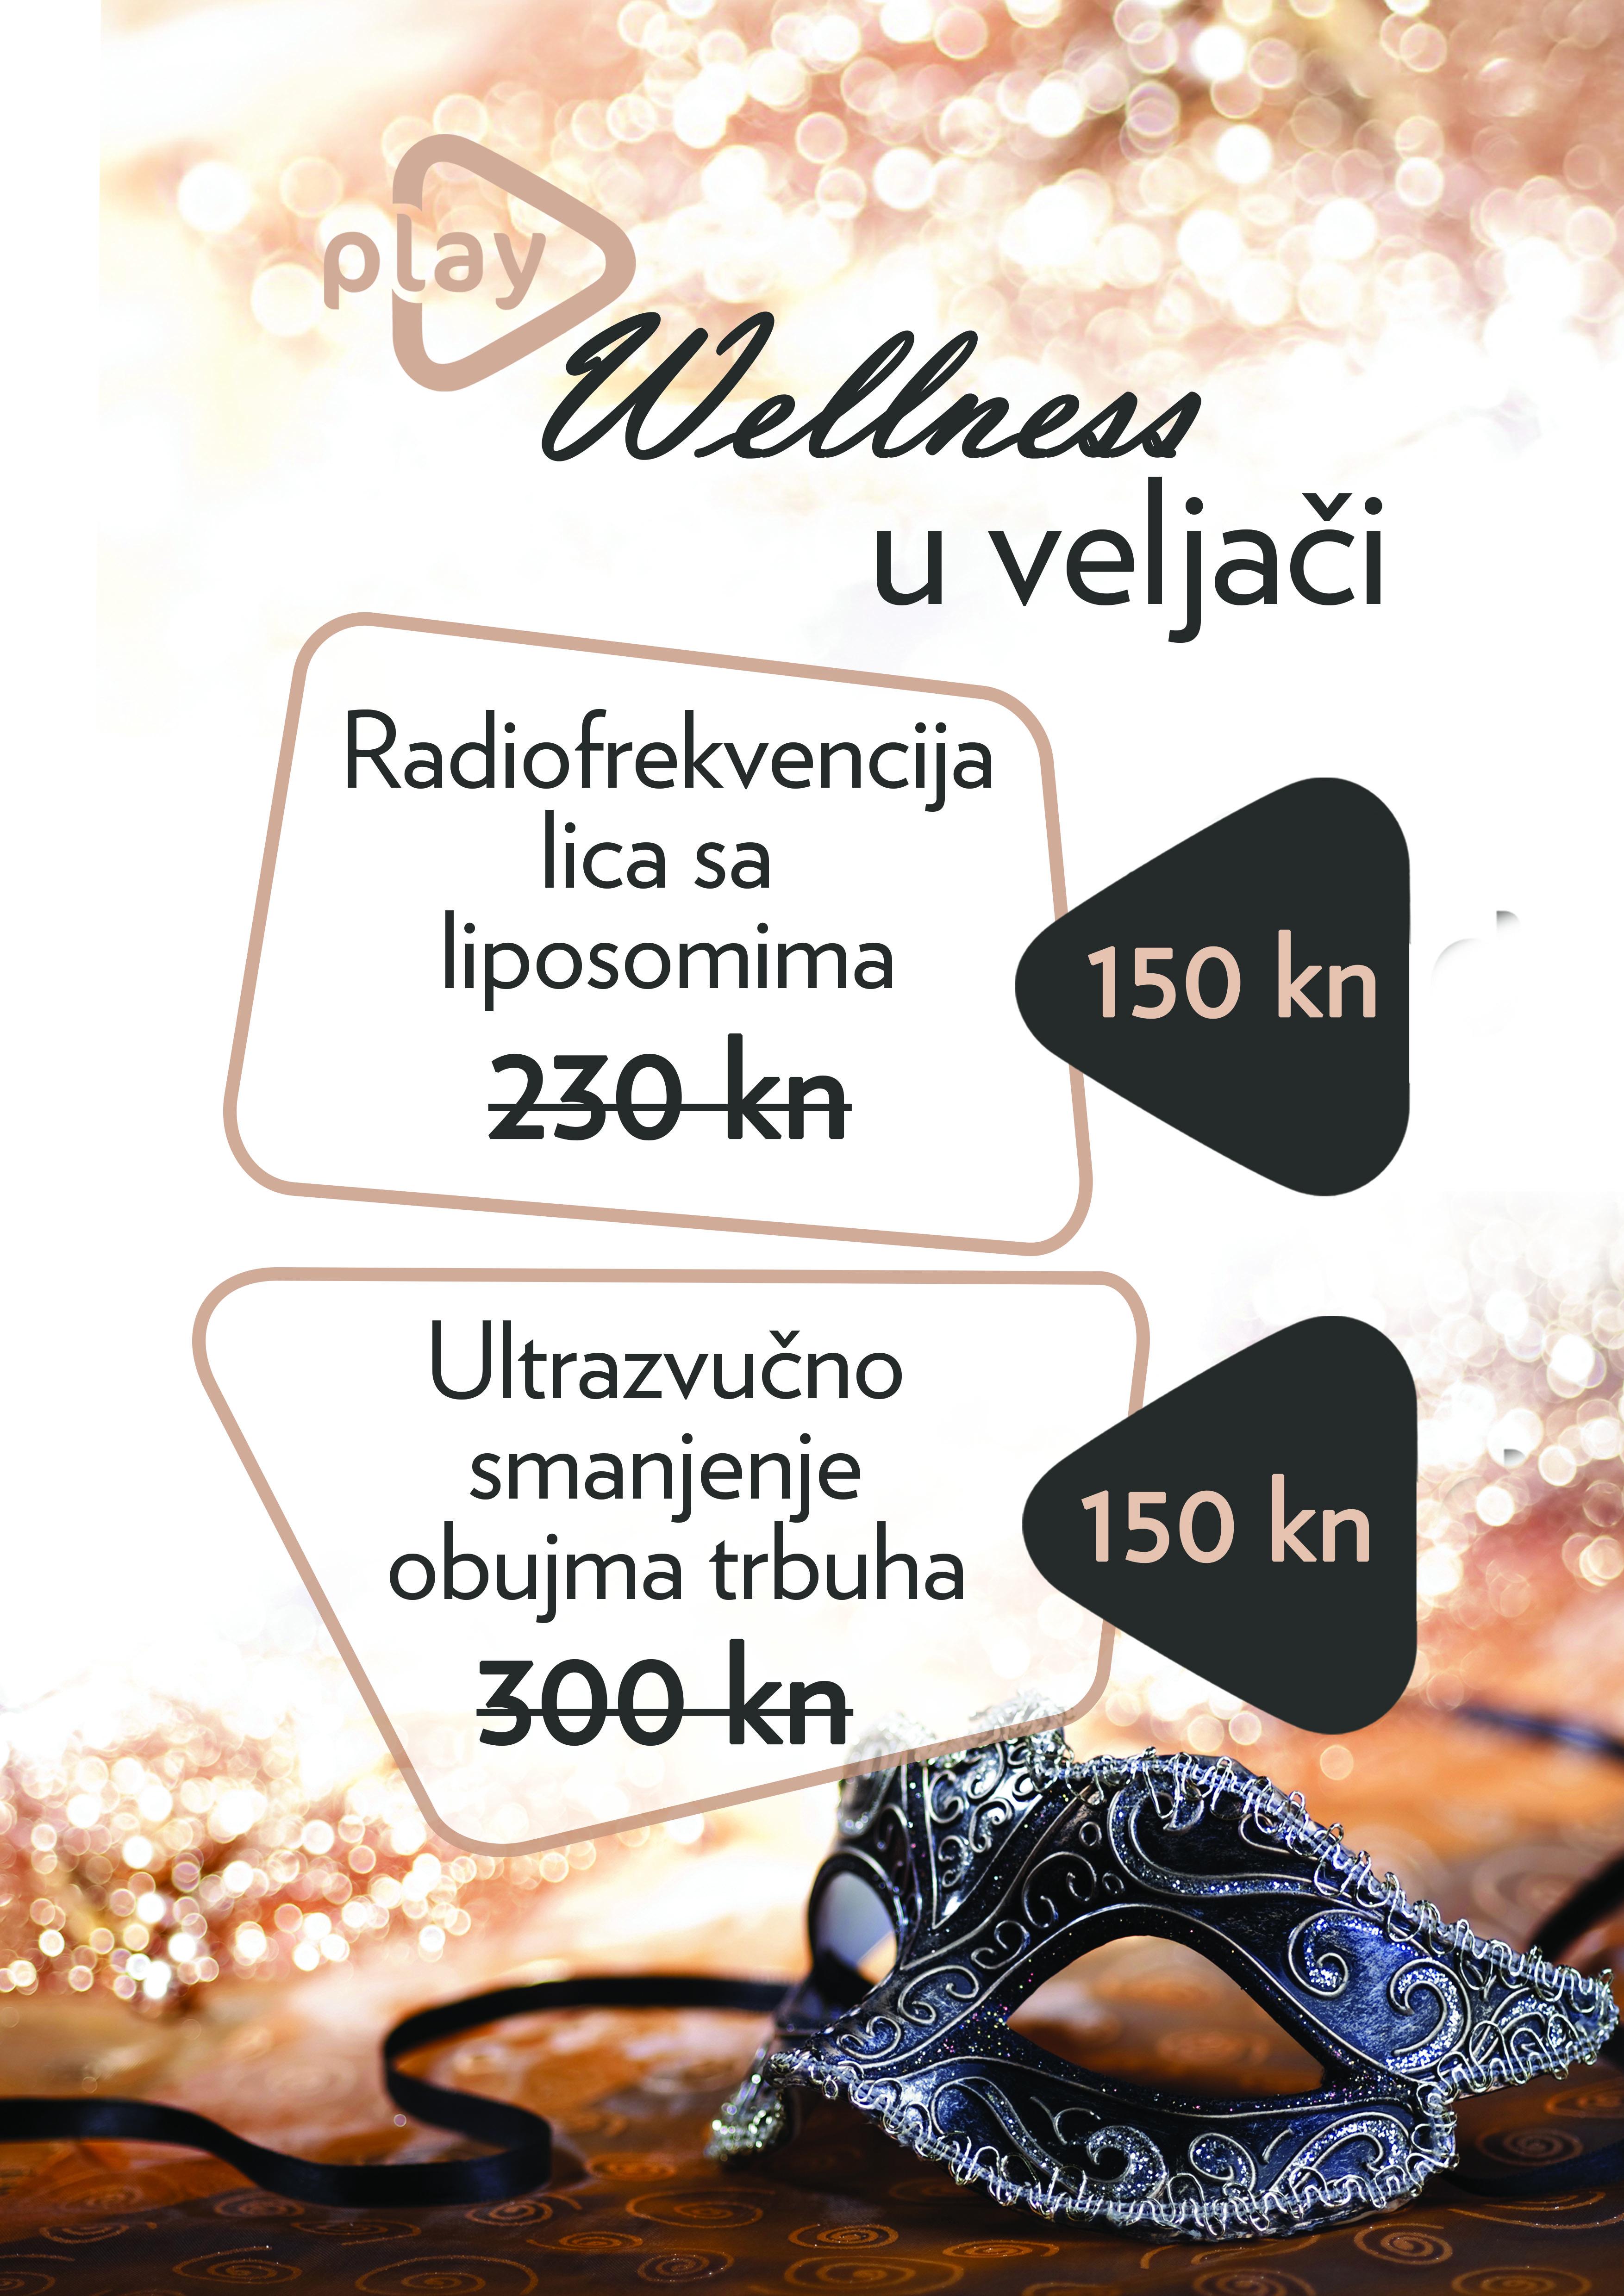 veljača wellness jpg